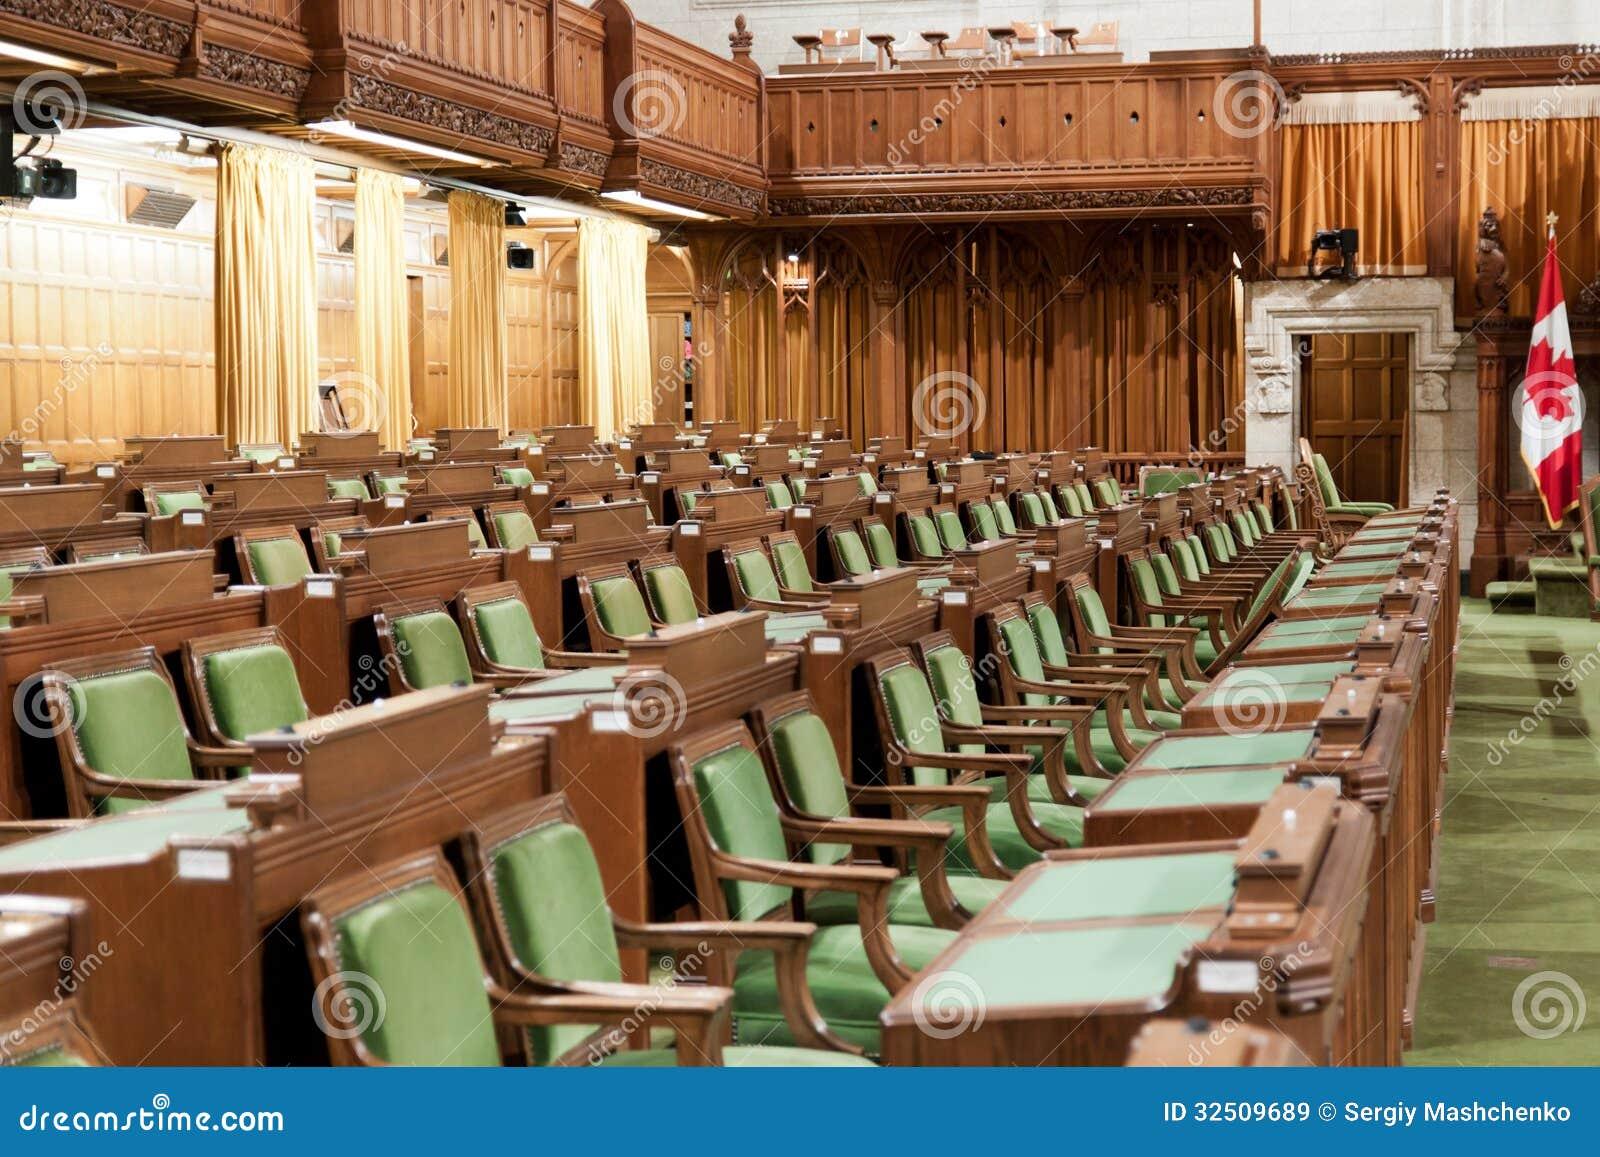 Le parlement canadien la chambre des communes image for Chambre commune